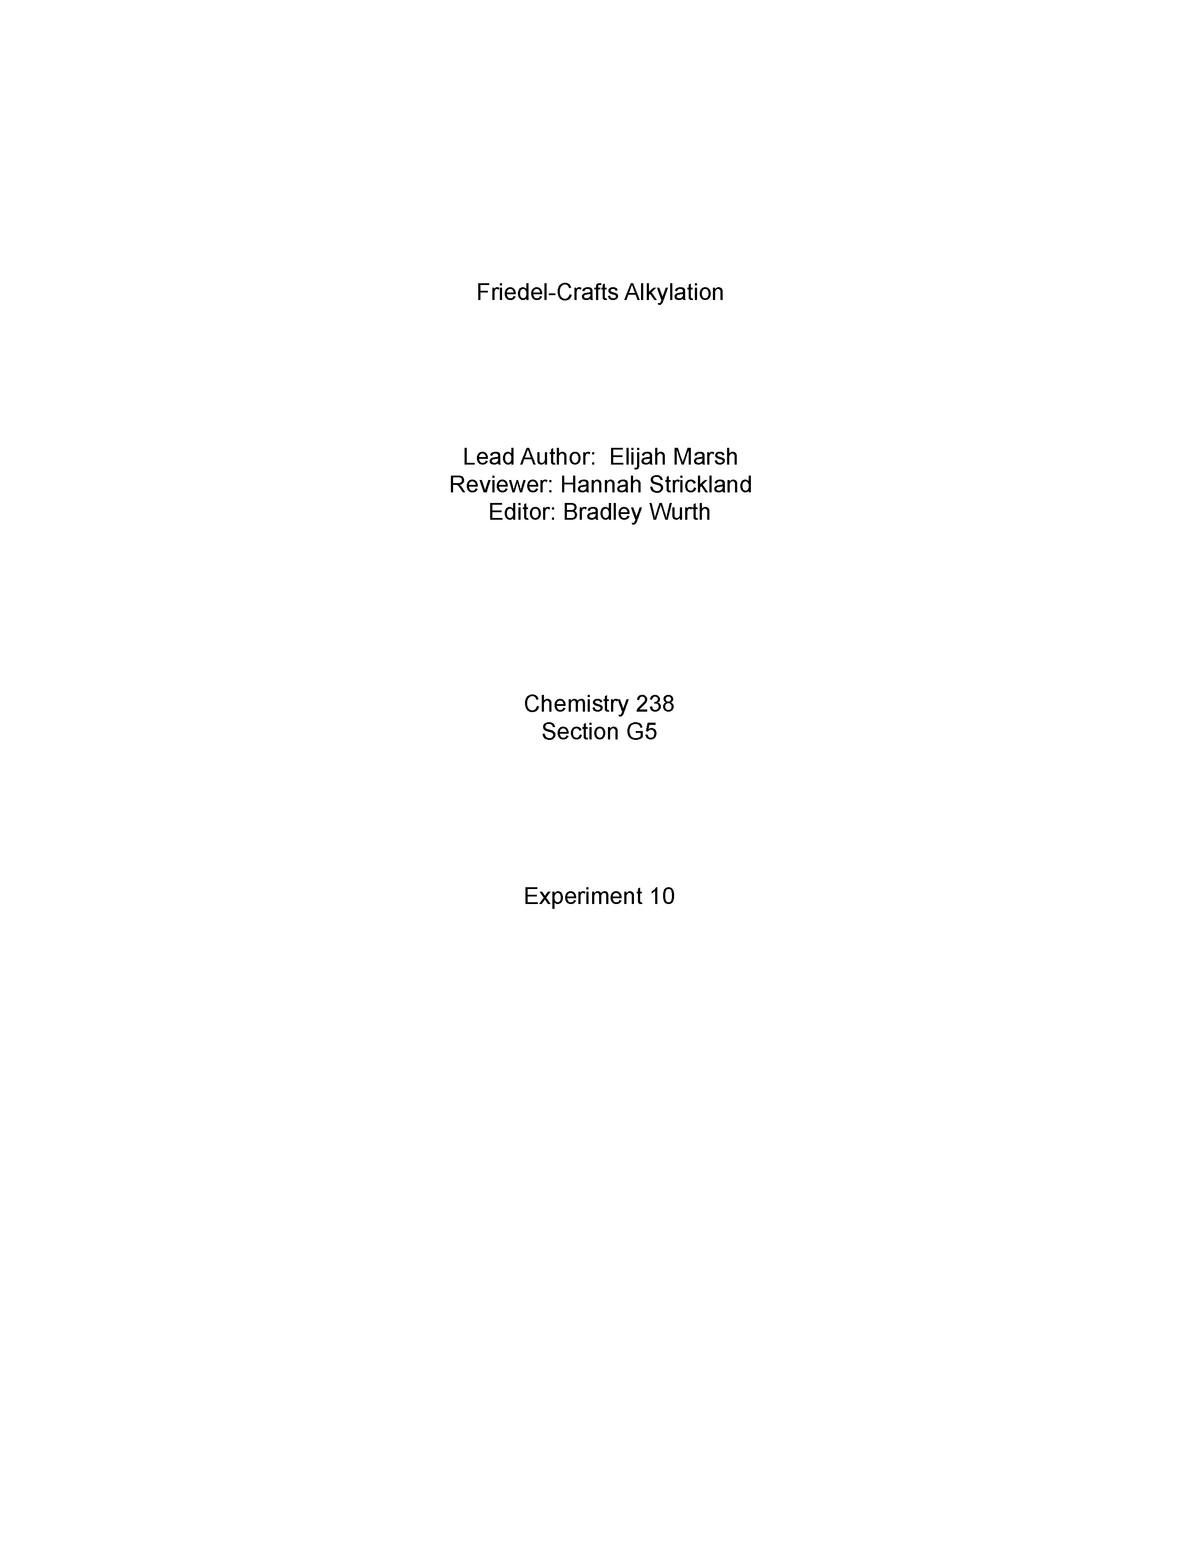 Lab Report 10- Friedel Crafts - CH 238: Organic Chemistry II Lab